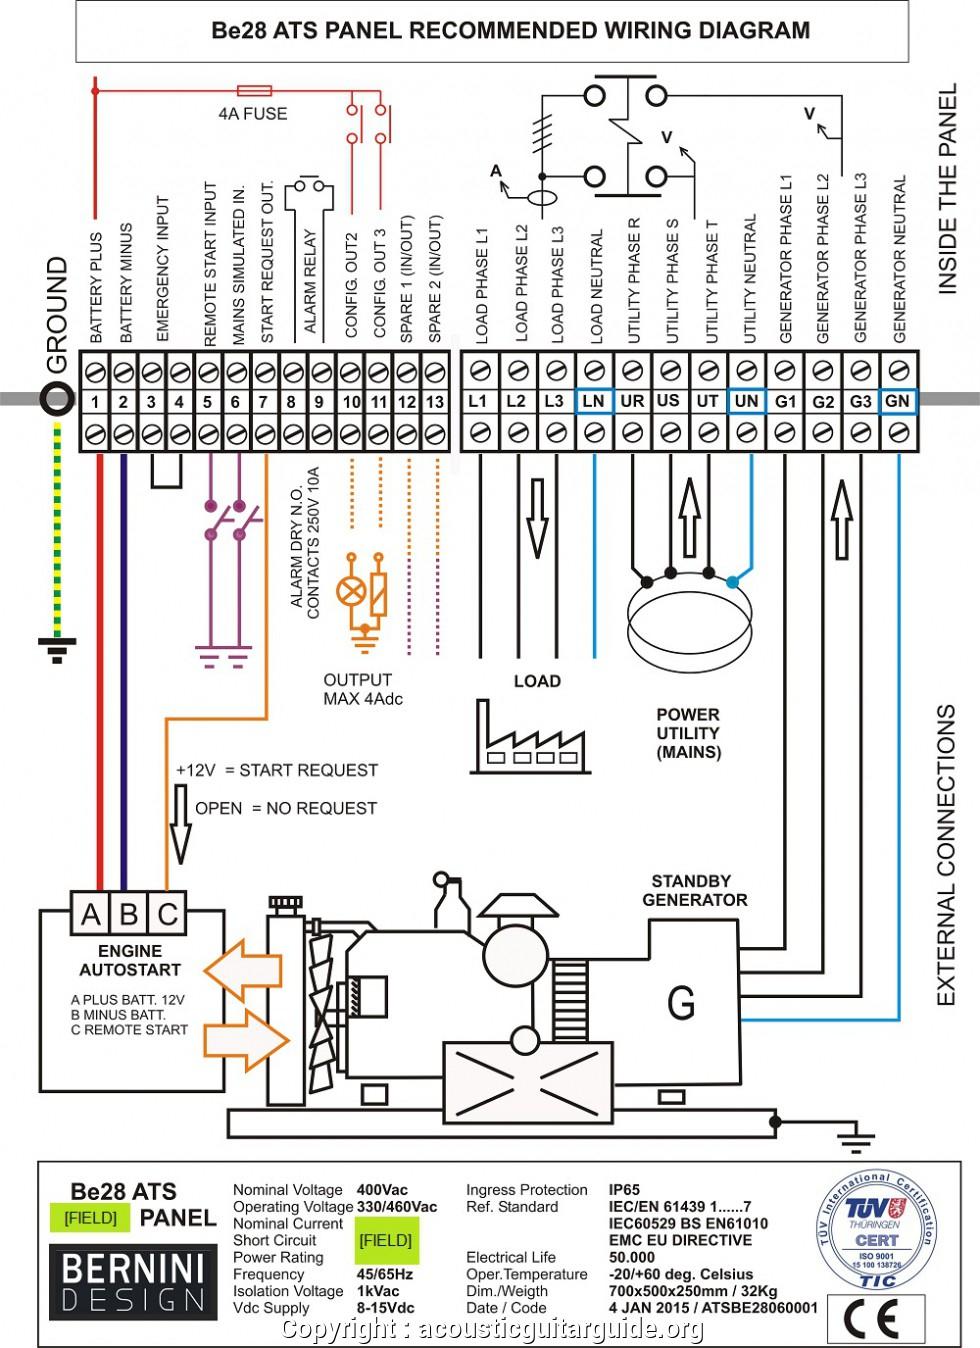 Kohler Ats Wiring Diagram   Wiring Diagram - Kohler Command Wiring Diagram